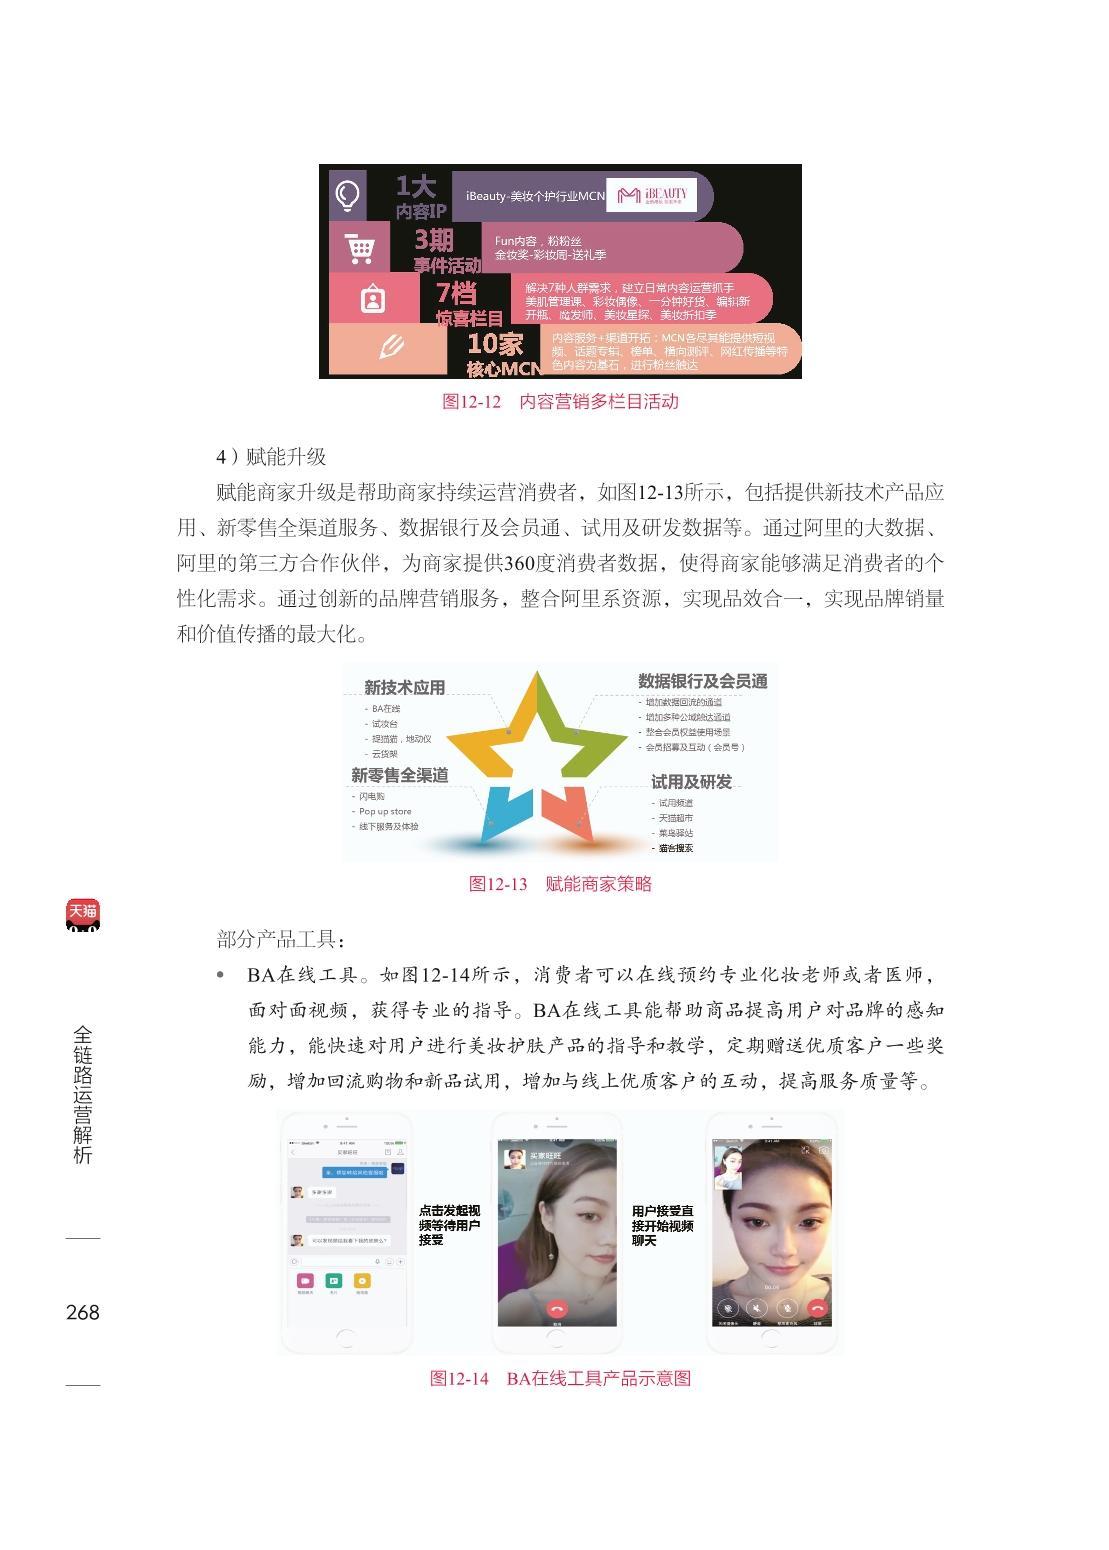 美妆行业策略-8